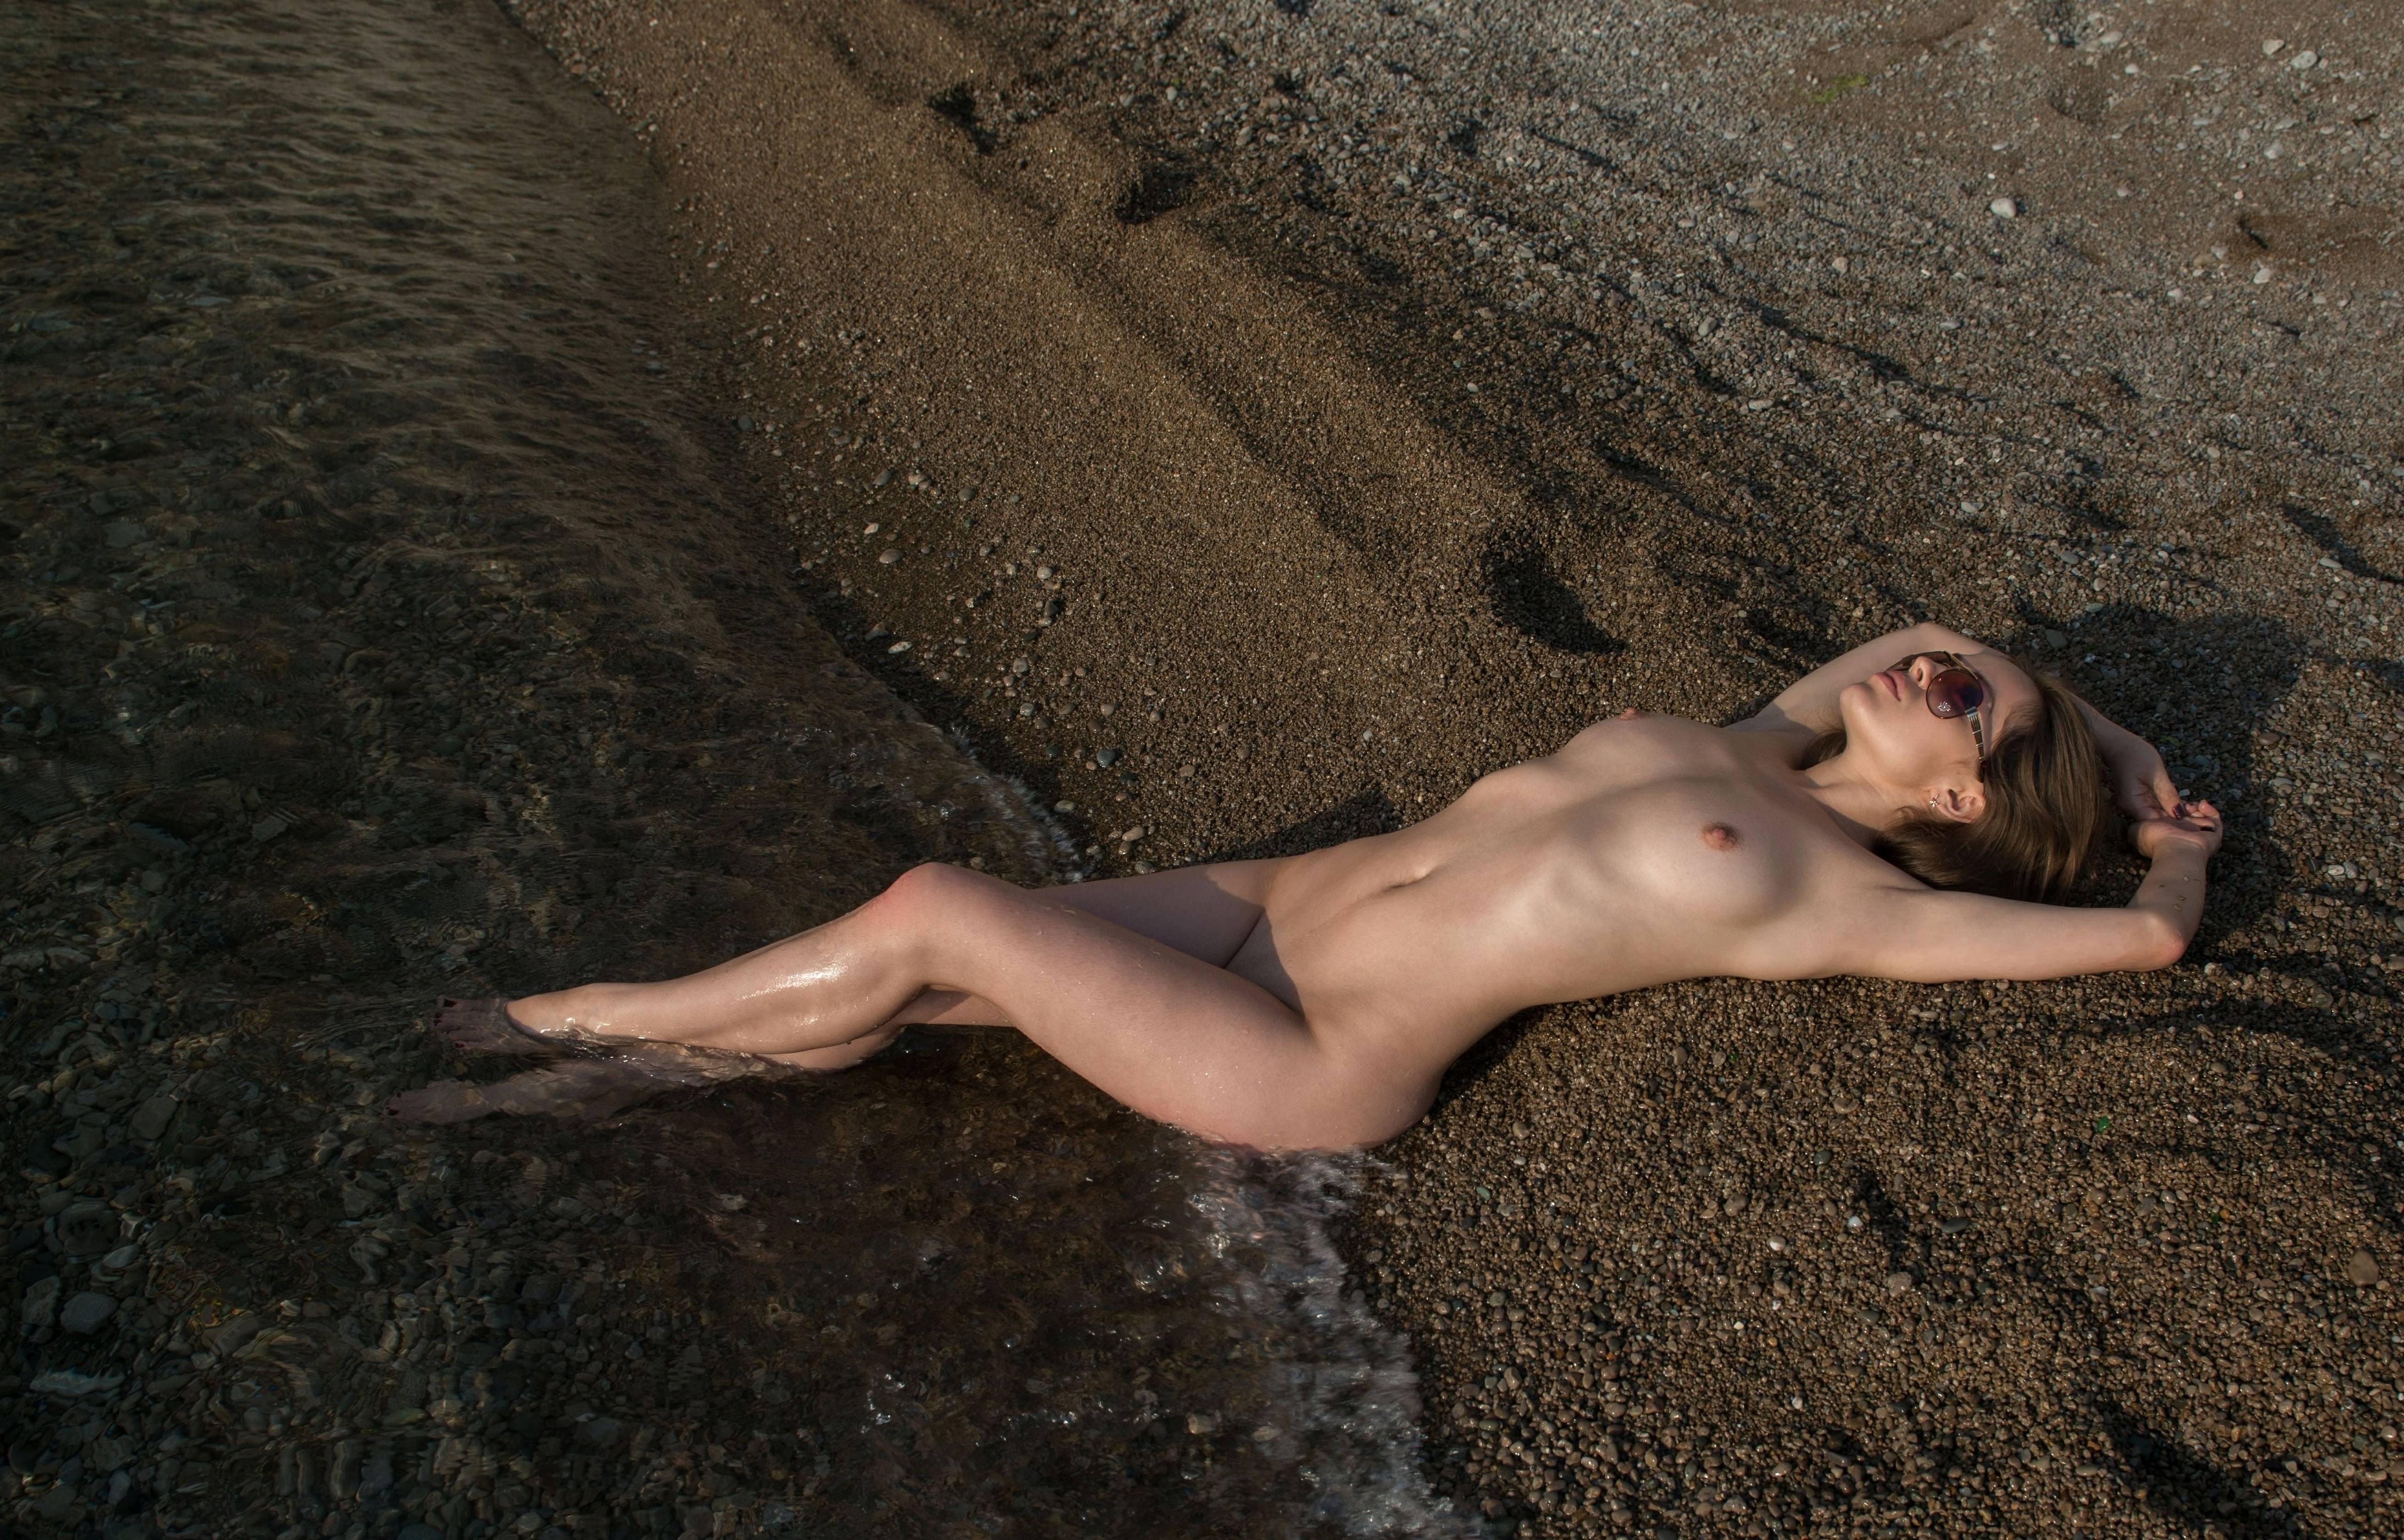 Фото Голая девушка на песке, ножки в воде, мокрая сучка на море без одежды, скачать картинку бесплатно